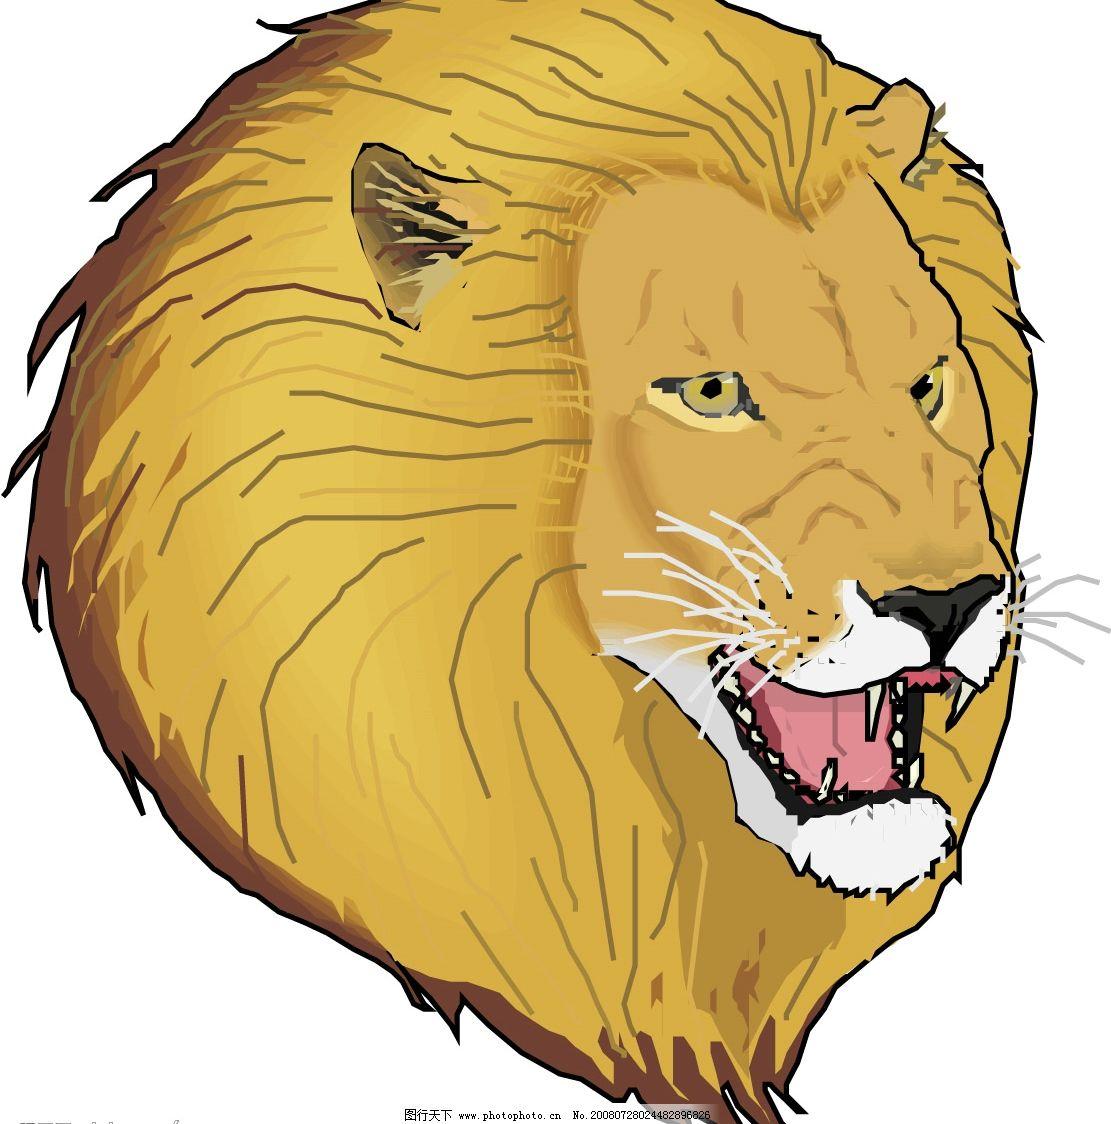 狮子头矢量图 生物世界 野生动物 矢量图库 eps